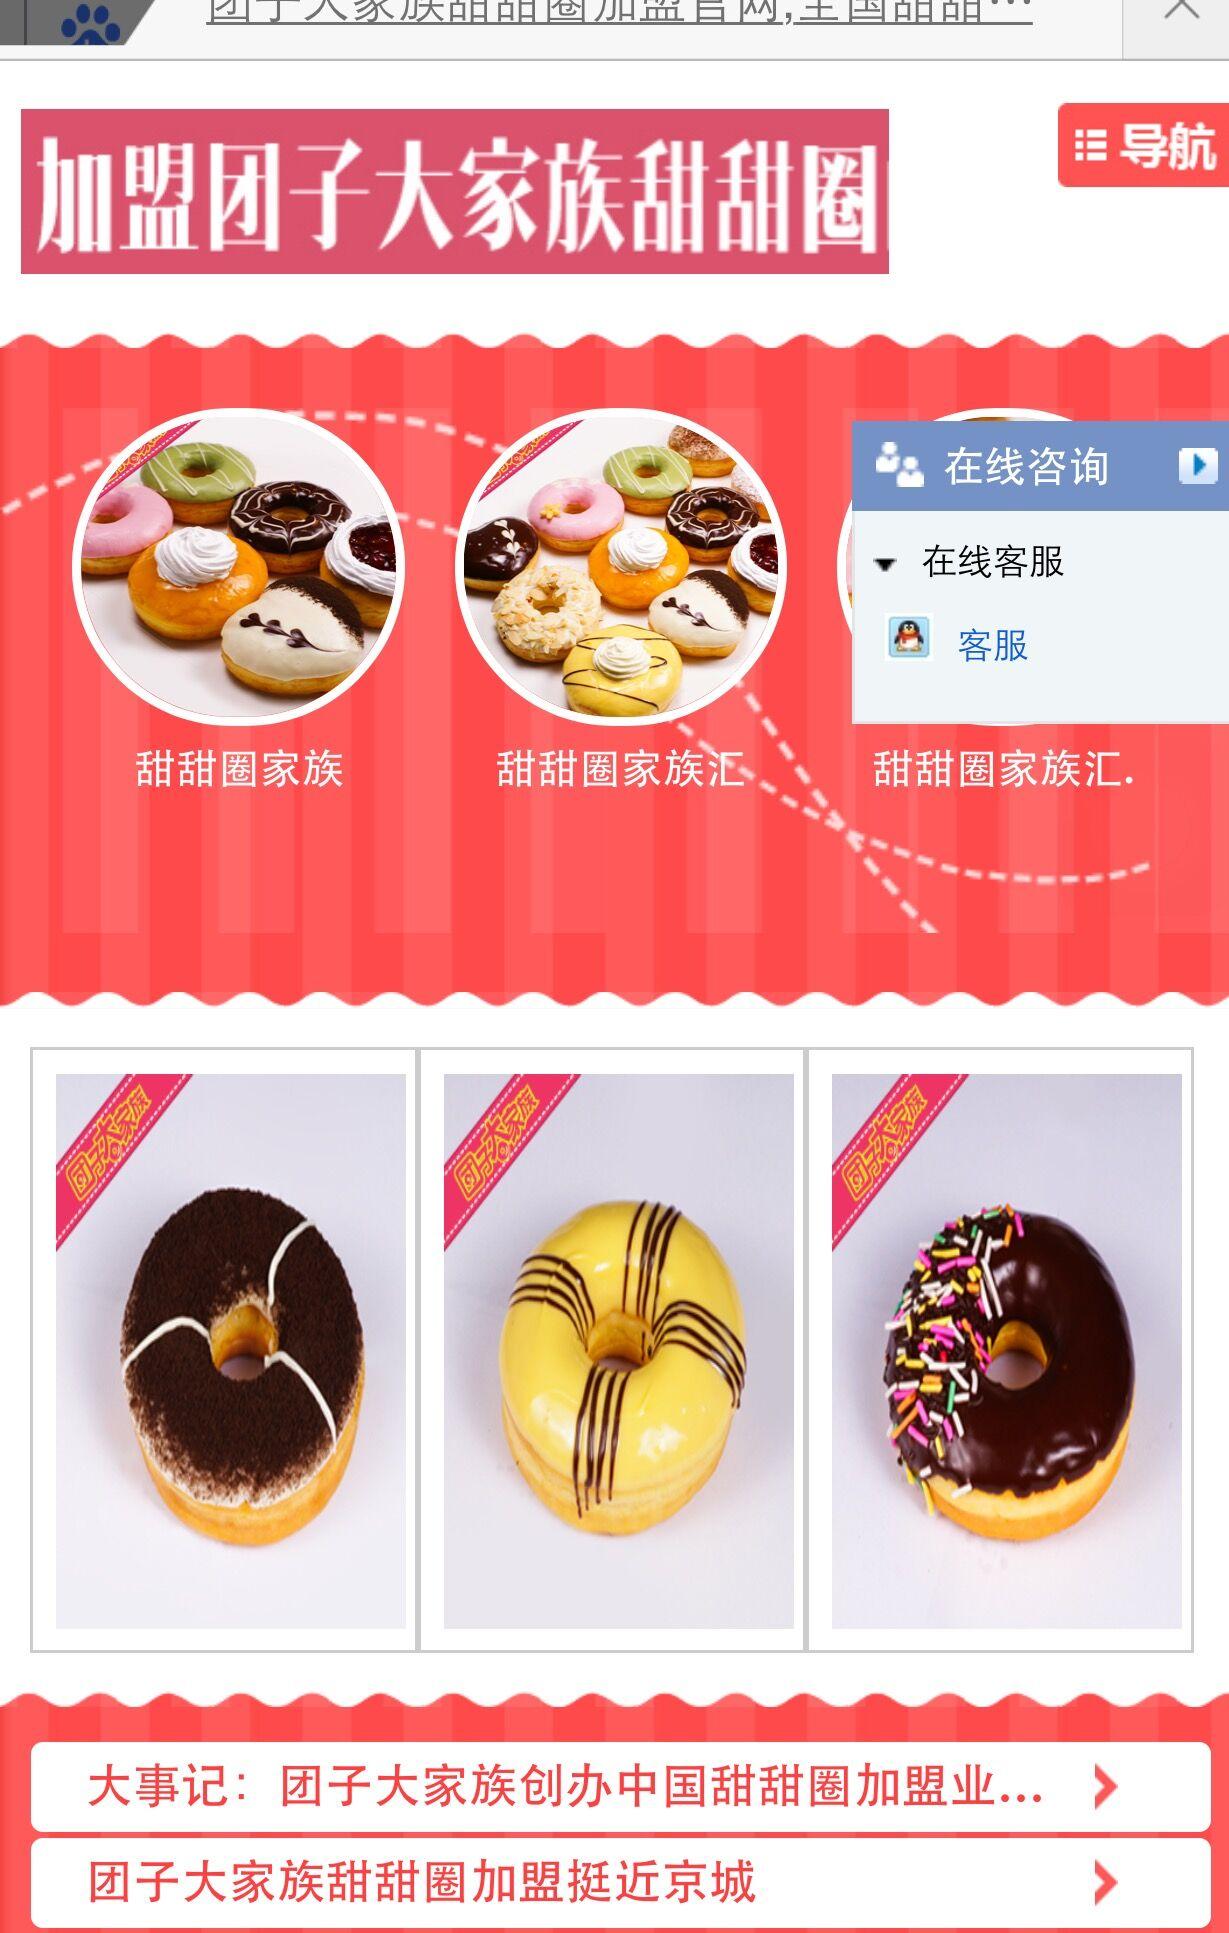 甜甜圈加盟手机端网站制作由东莞富海360技术提供